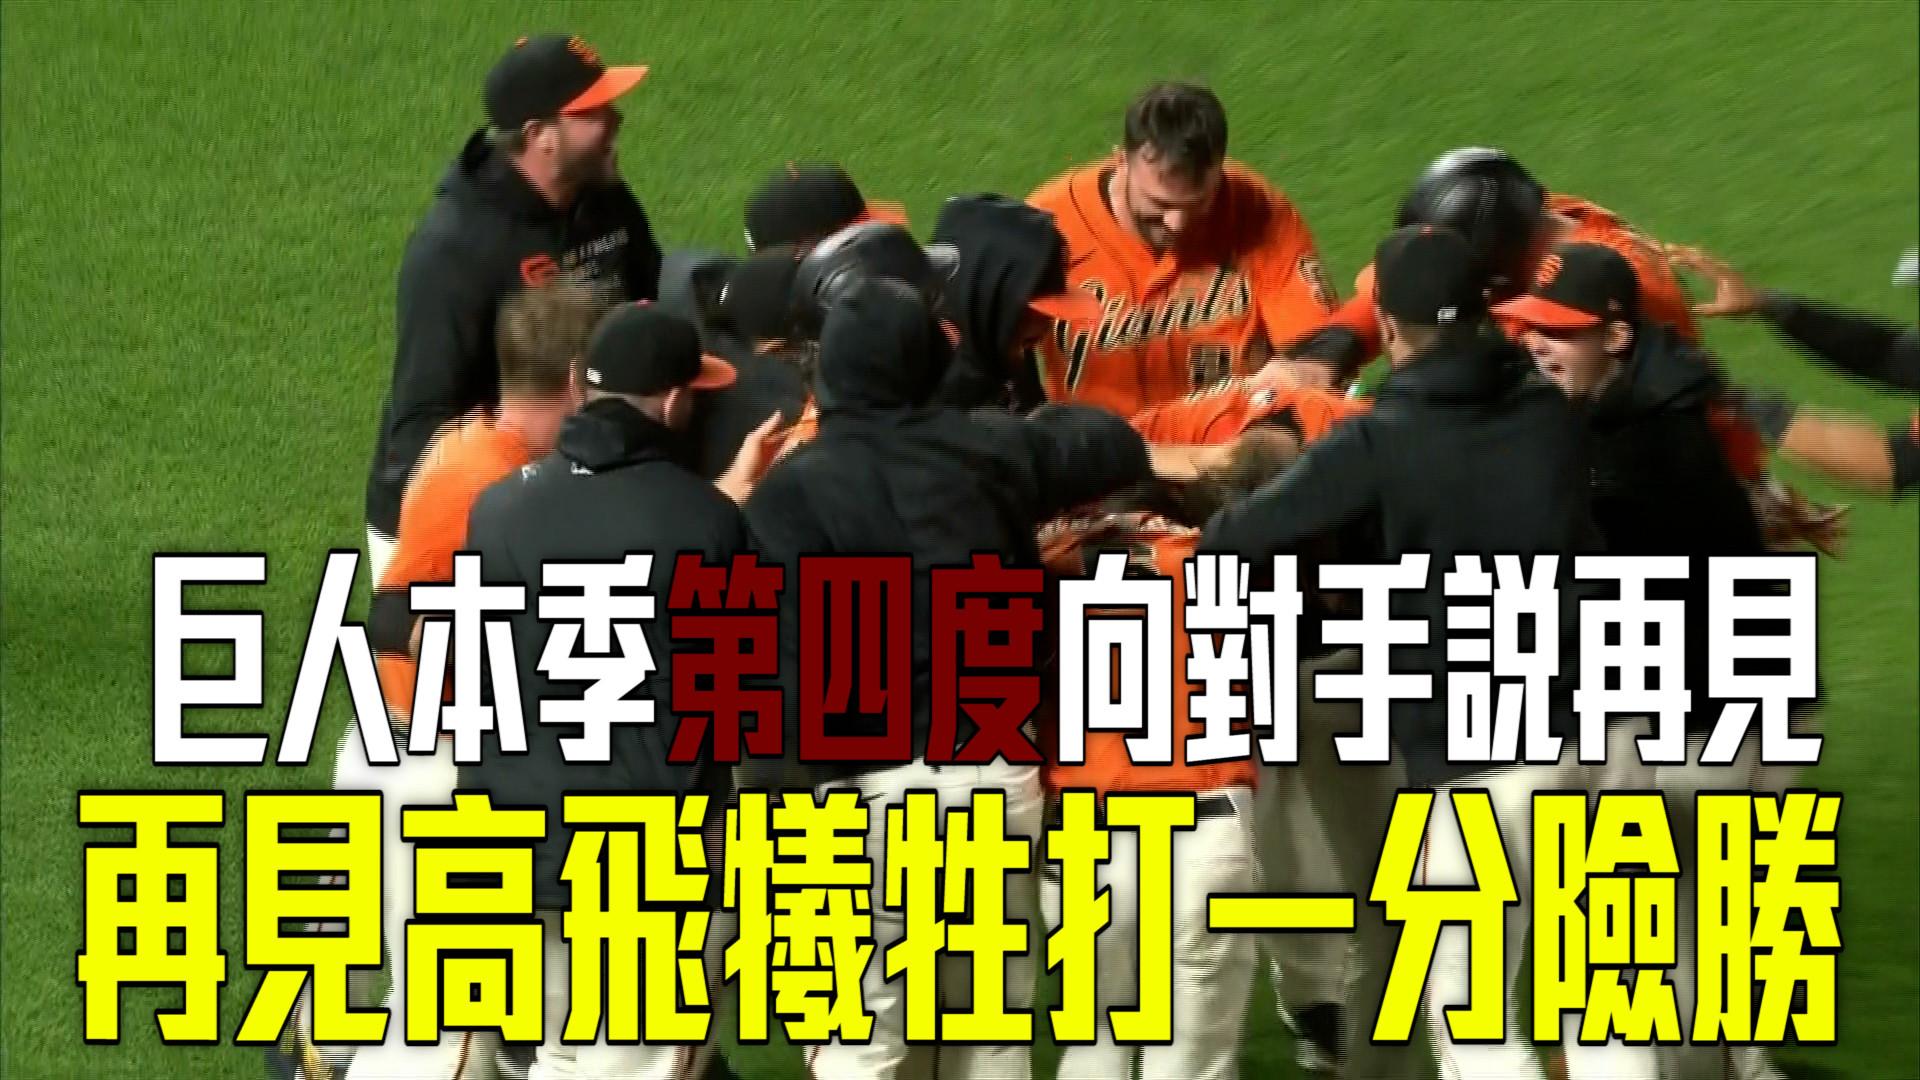 【MLB看愛爾達】關鍵代打不放槍 巨人四轟搶下勝利 9/18